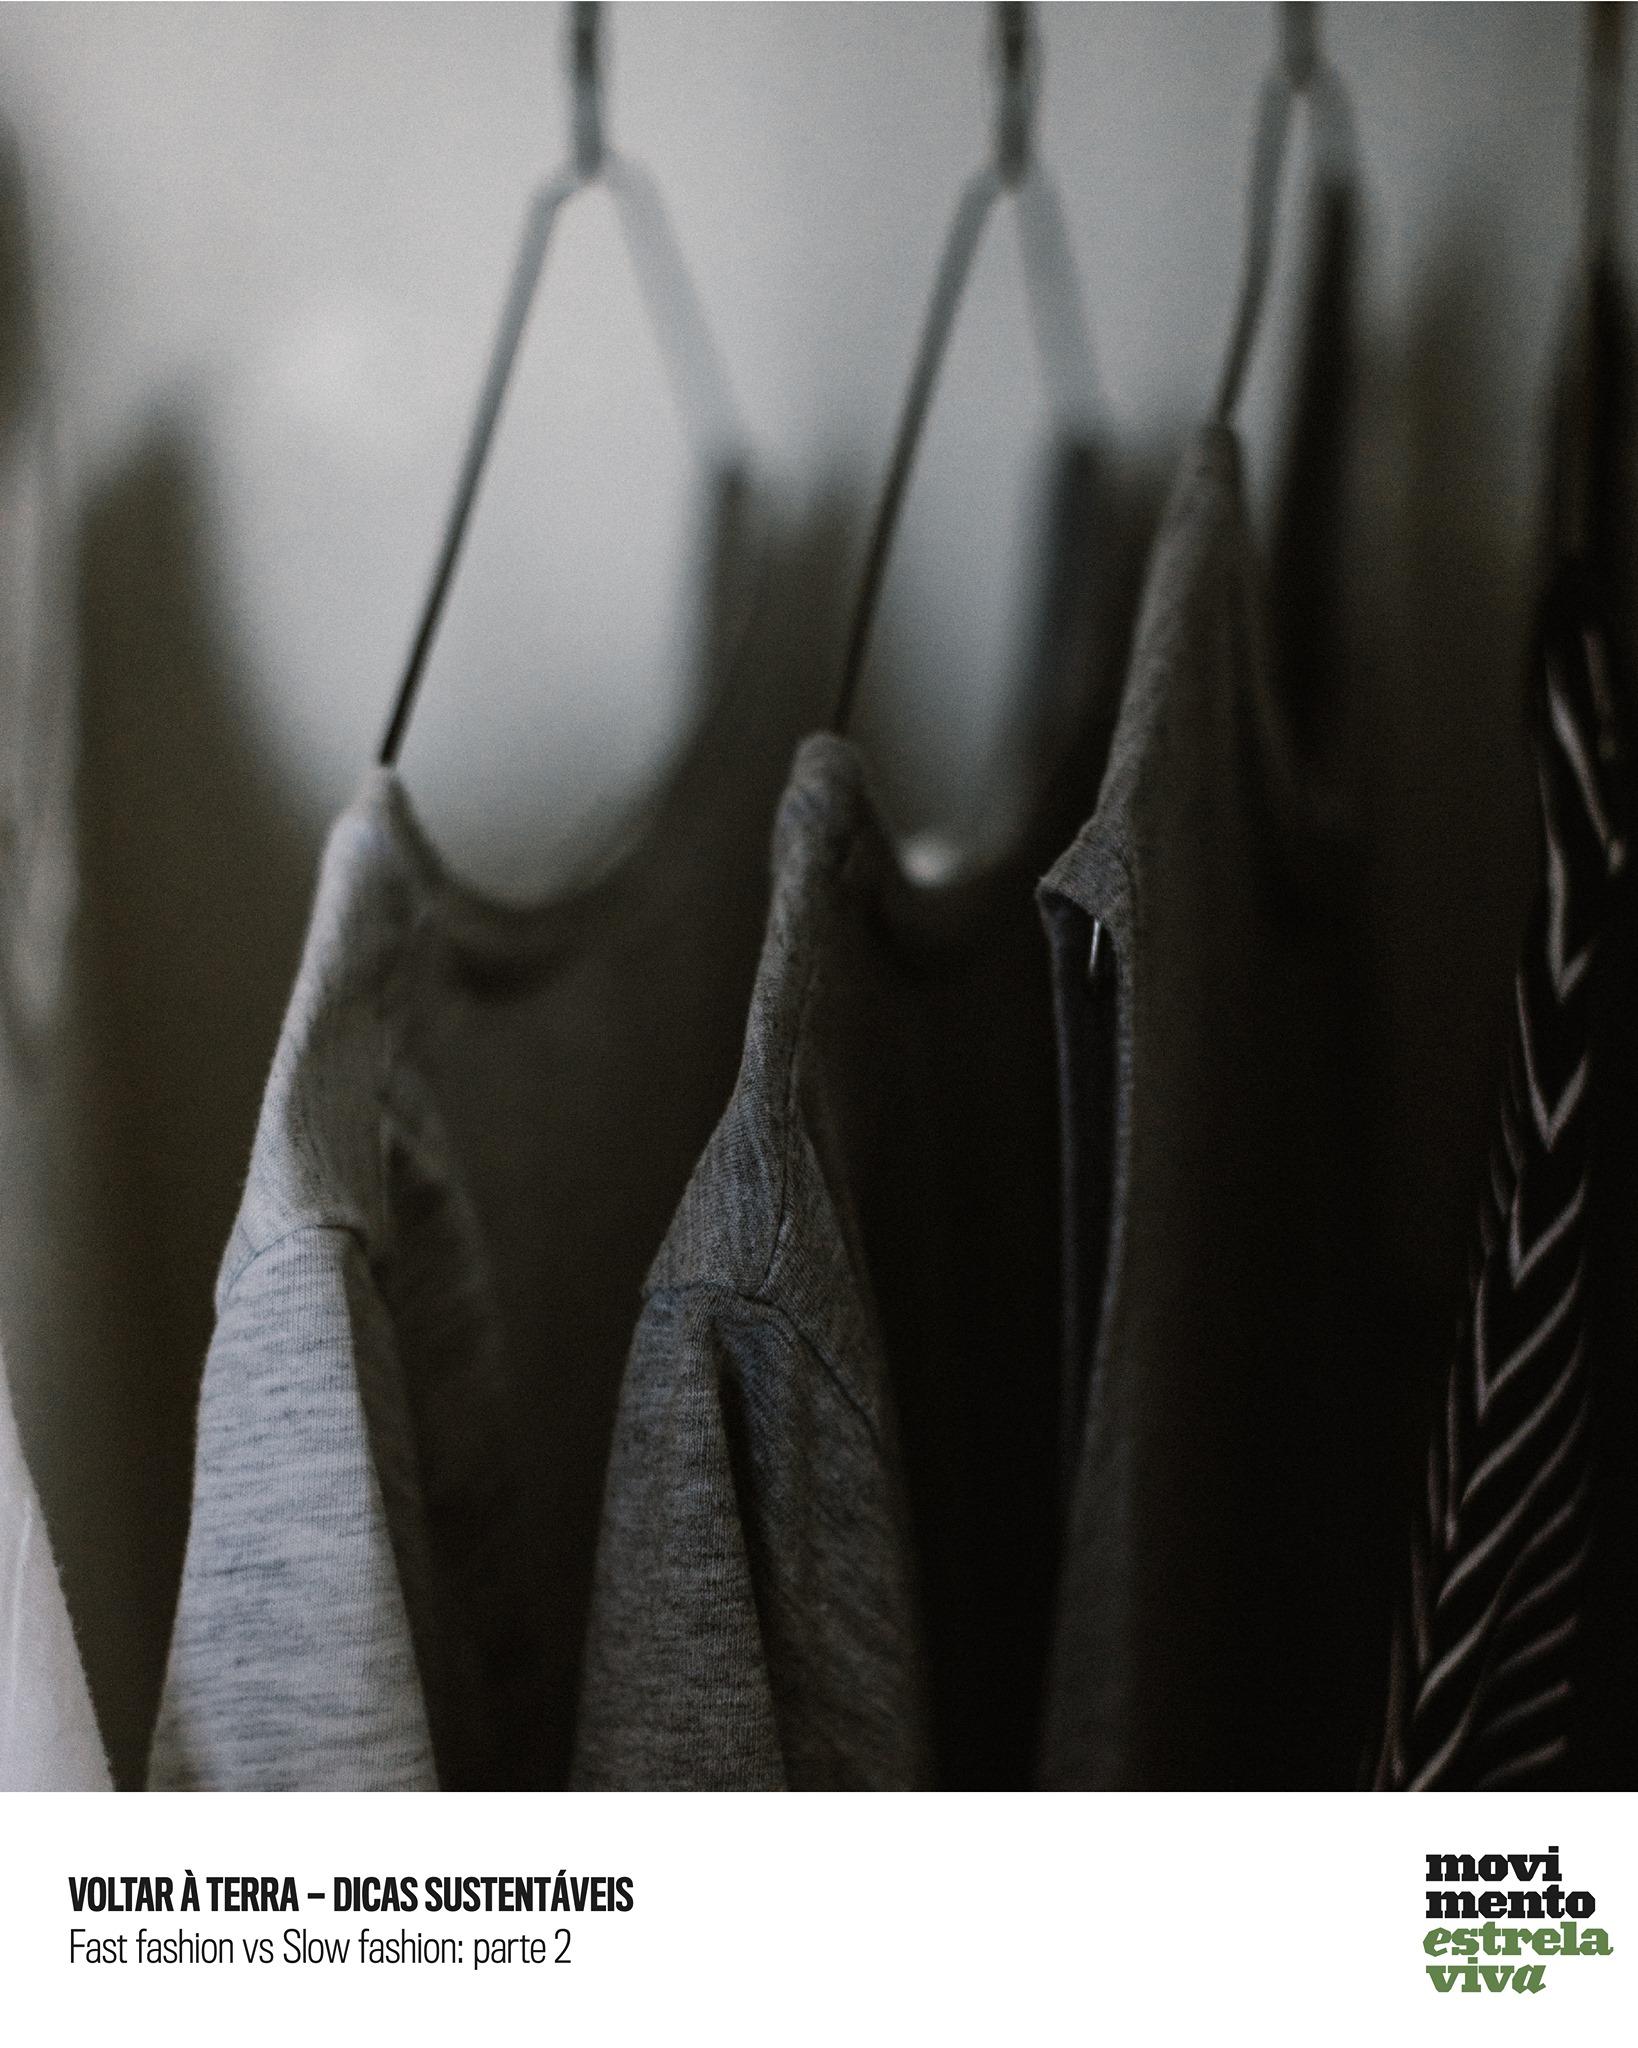 Dicas Sustentáveis – Fast fashion vs slow fashion 2